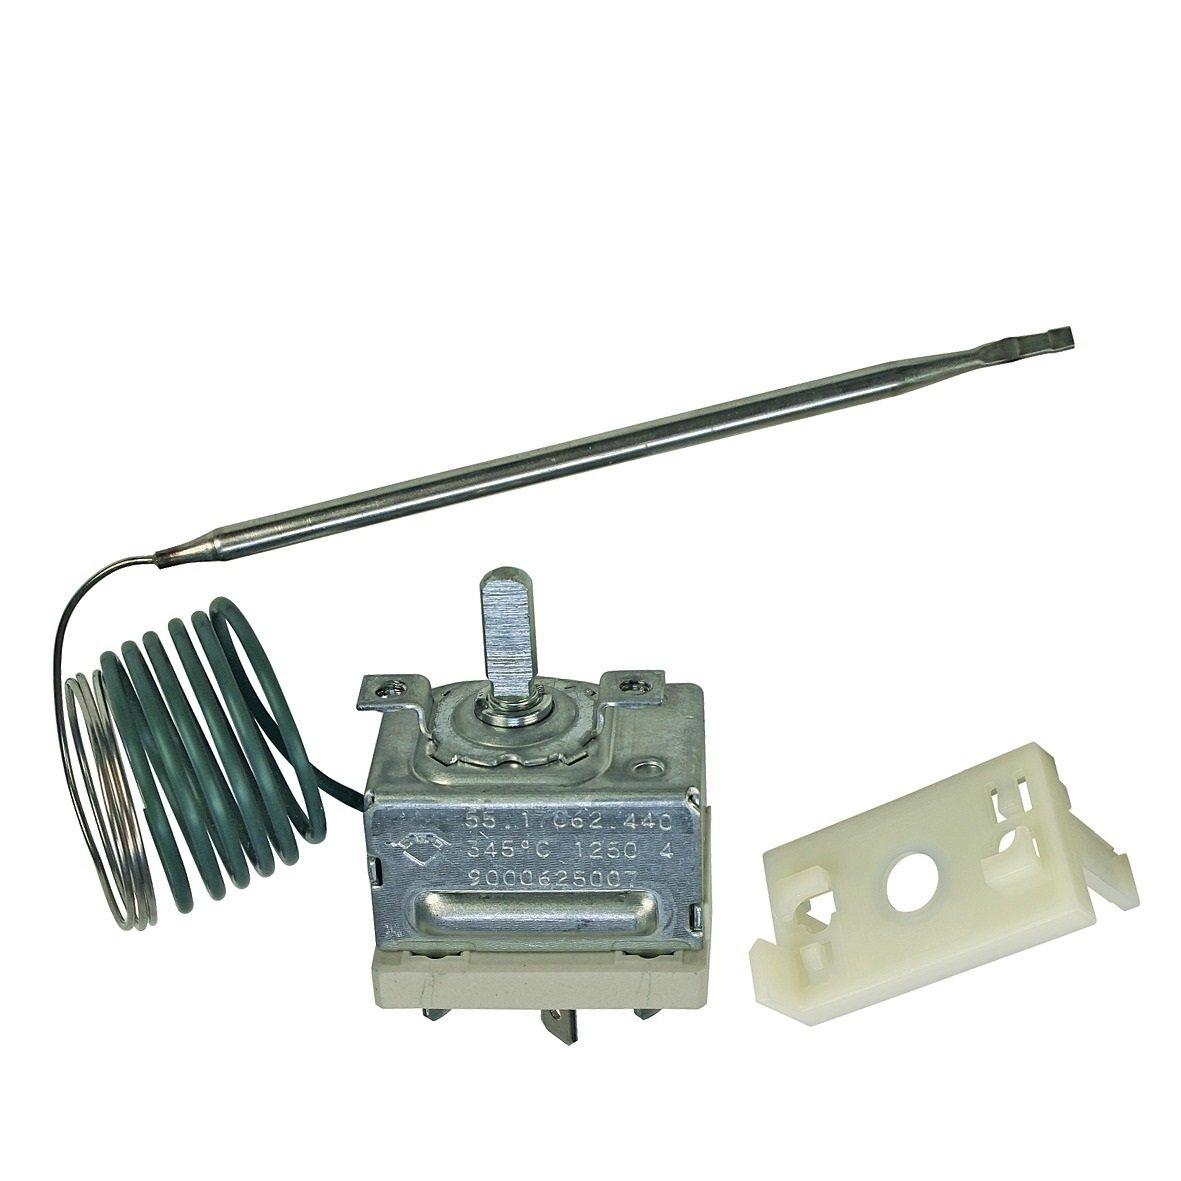 EGO 55.17062.440 Thermostat Backofen Ofen Bosch Siemens 658806 BSH-Gruppe